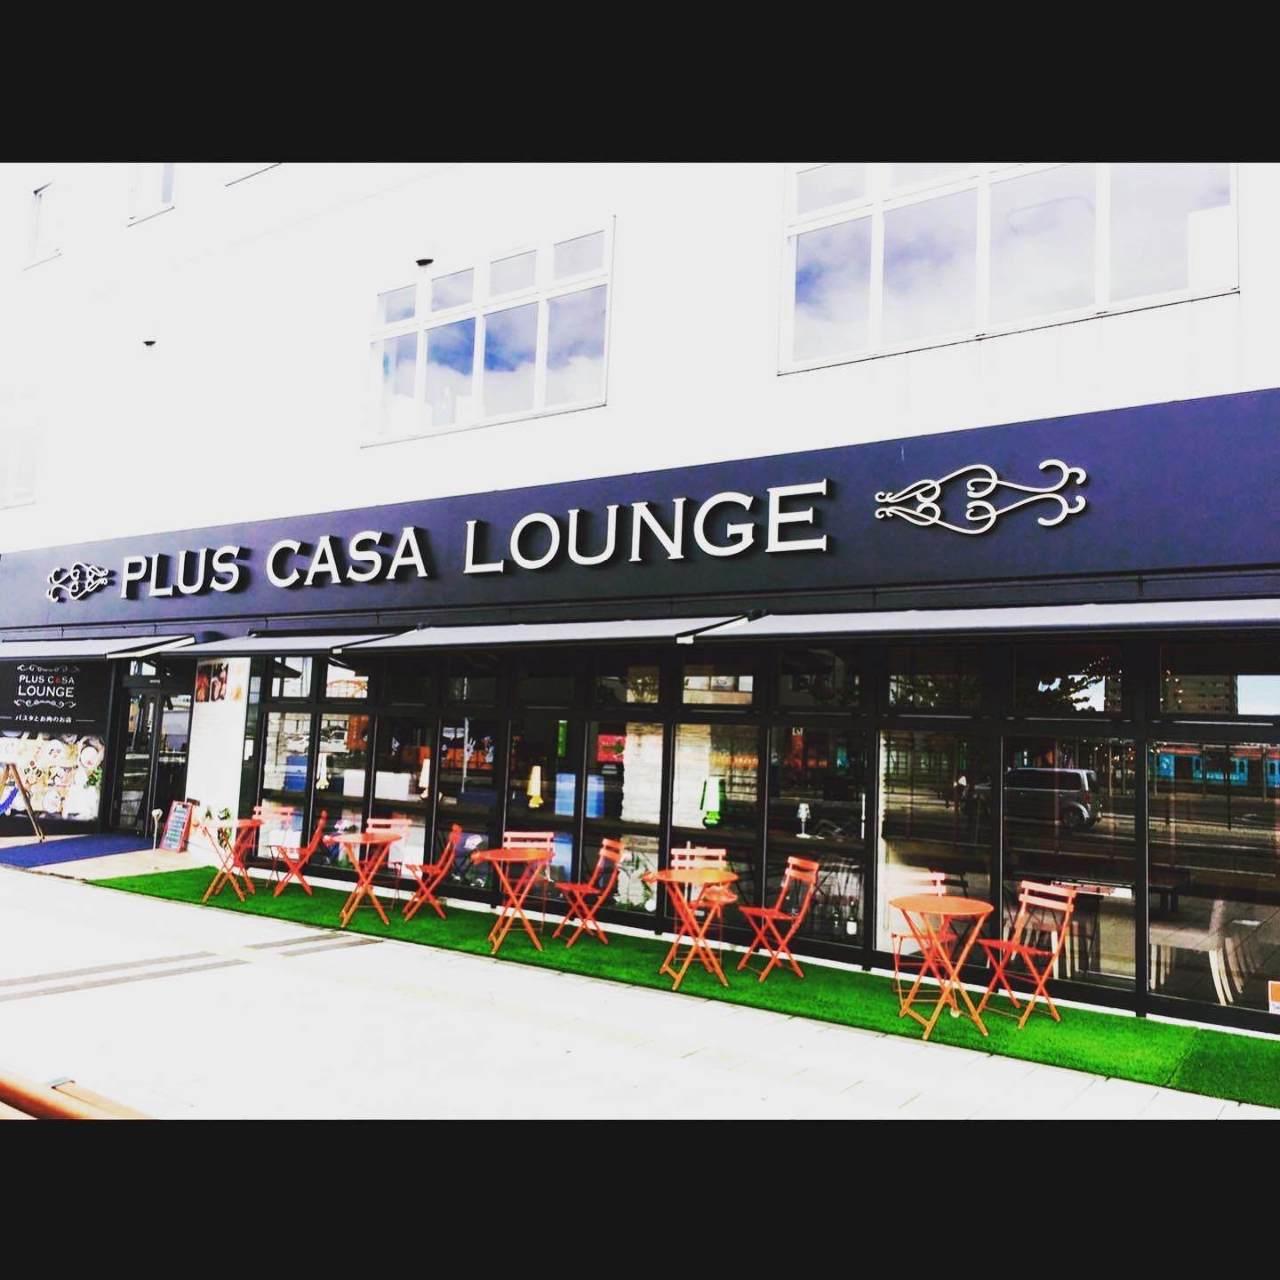 PLUS CASA LOUNGE 彦根駅前店